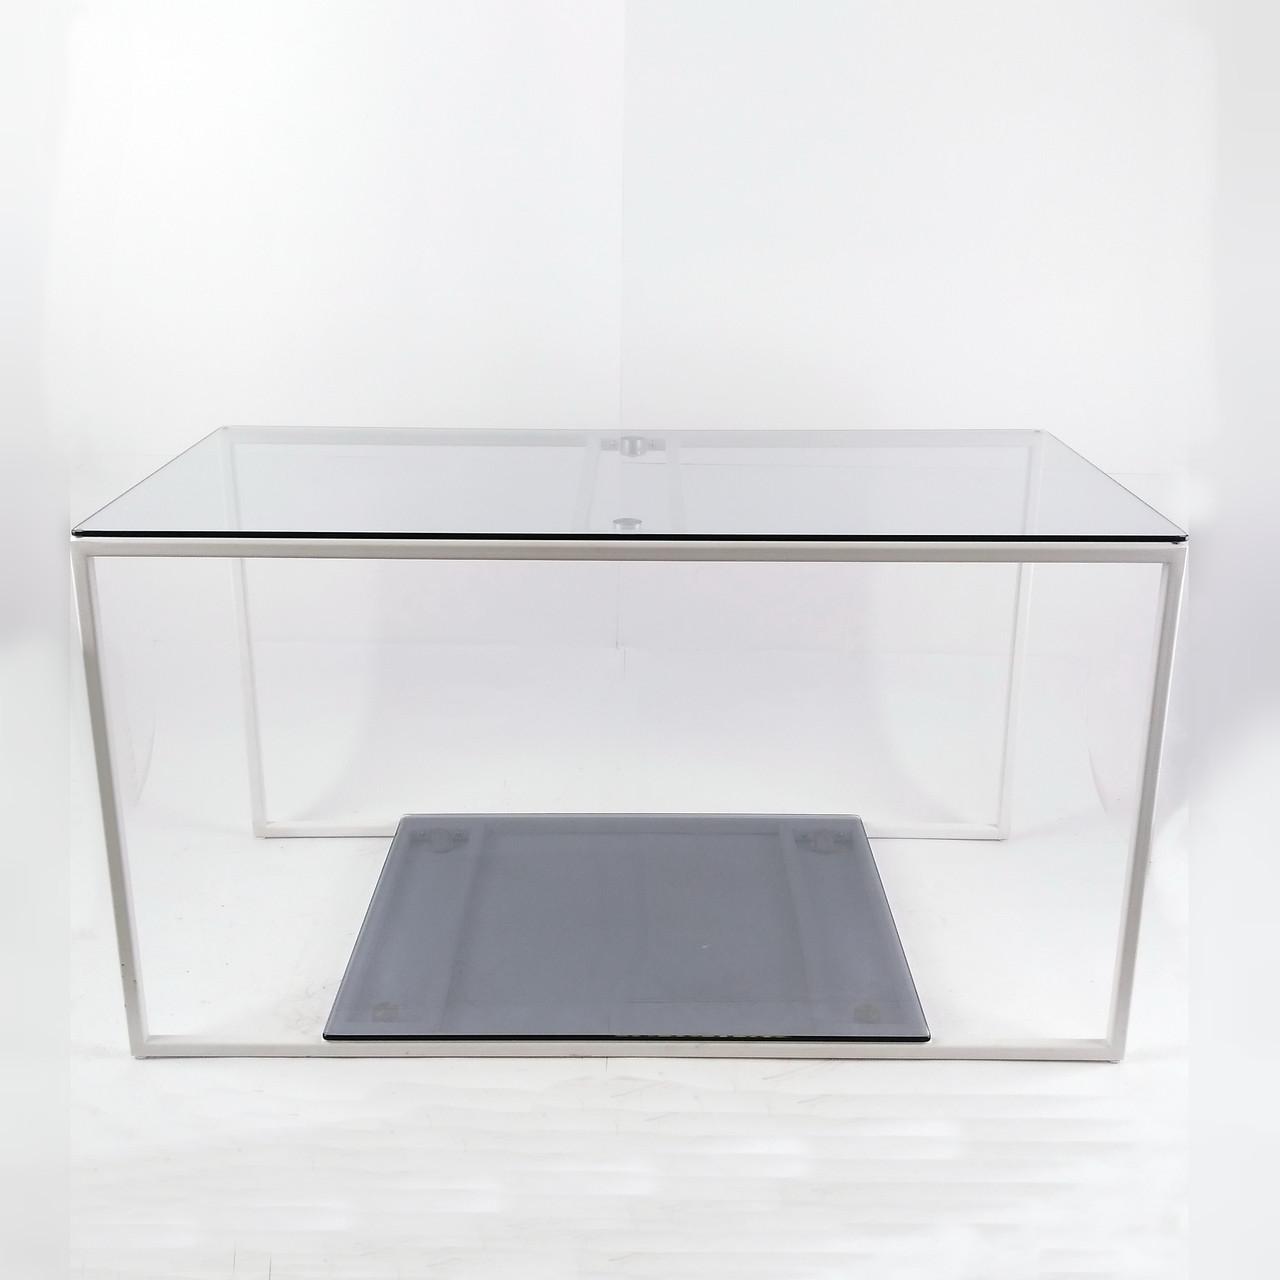 Стіл журнальний Куб 900 скло 6 мм прозоре/графіт - білий метал (Cub 900 cg-wt)